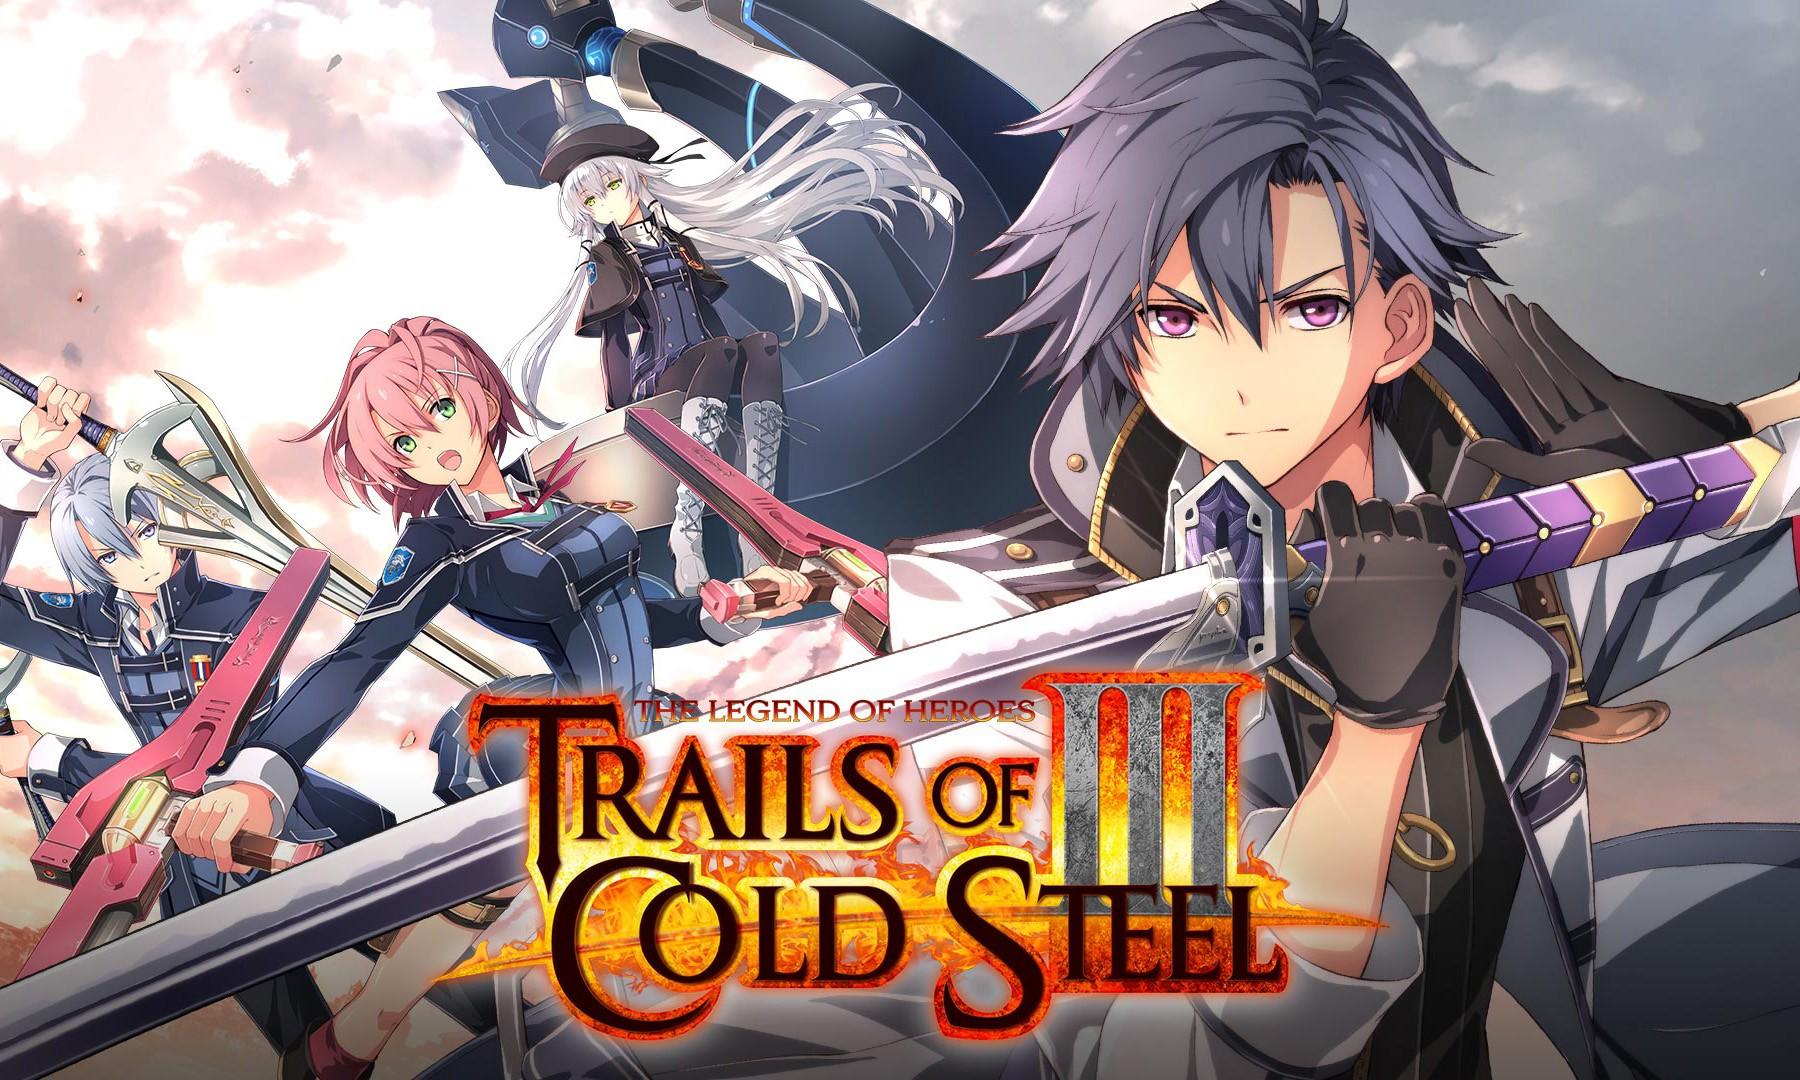 英雄傳說:閃之軌跡3正版購買_The Legend of Heroes: Trails of Cold Steel IIIPC正版激活碼_3DM遊戲商城